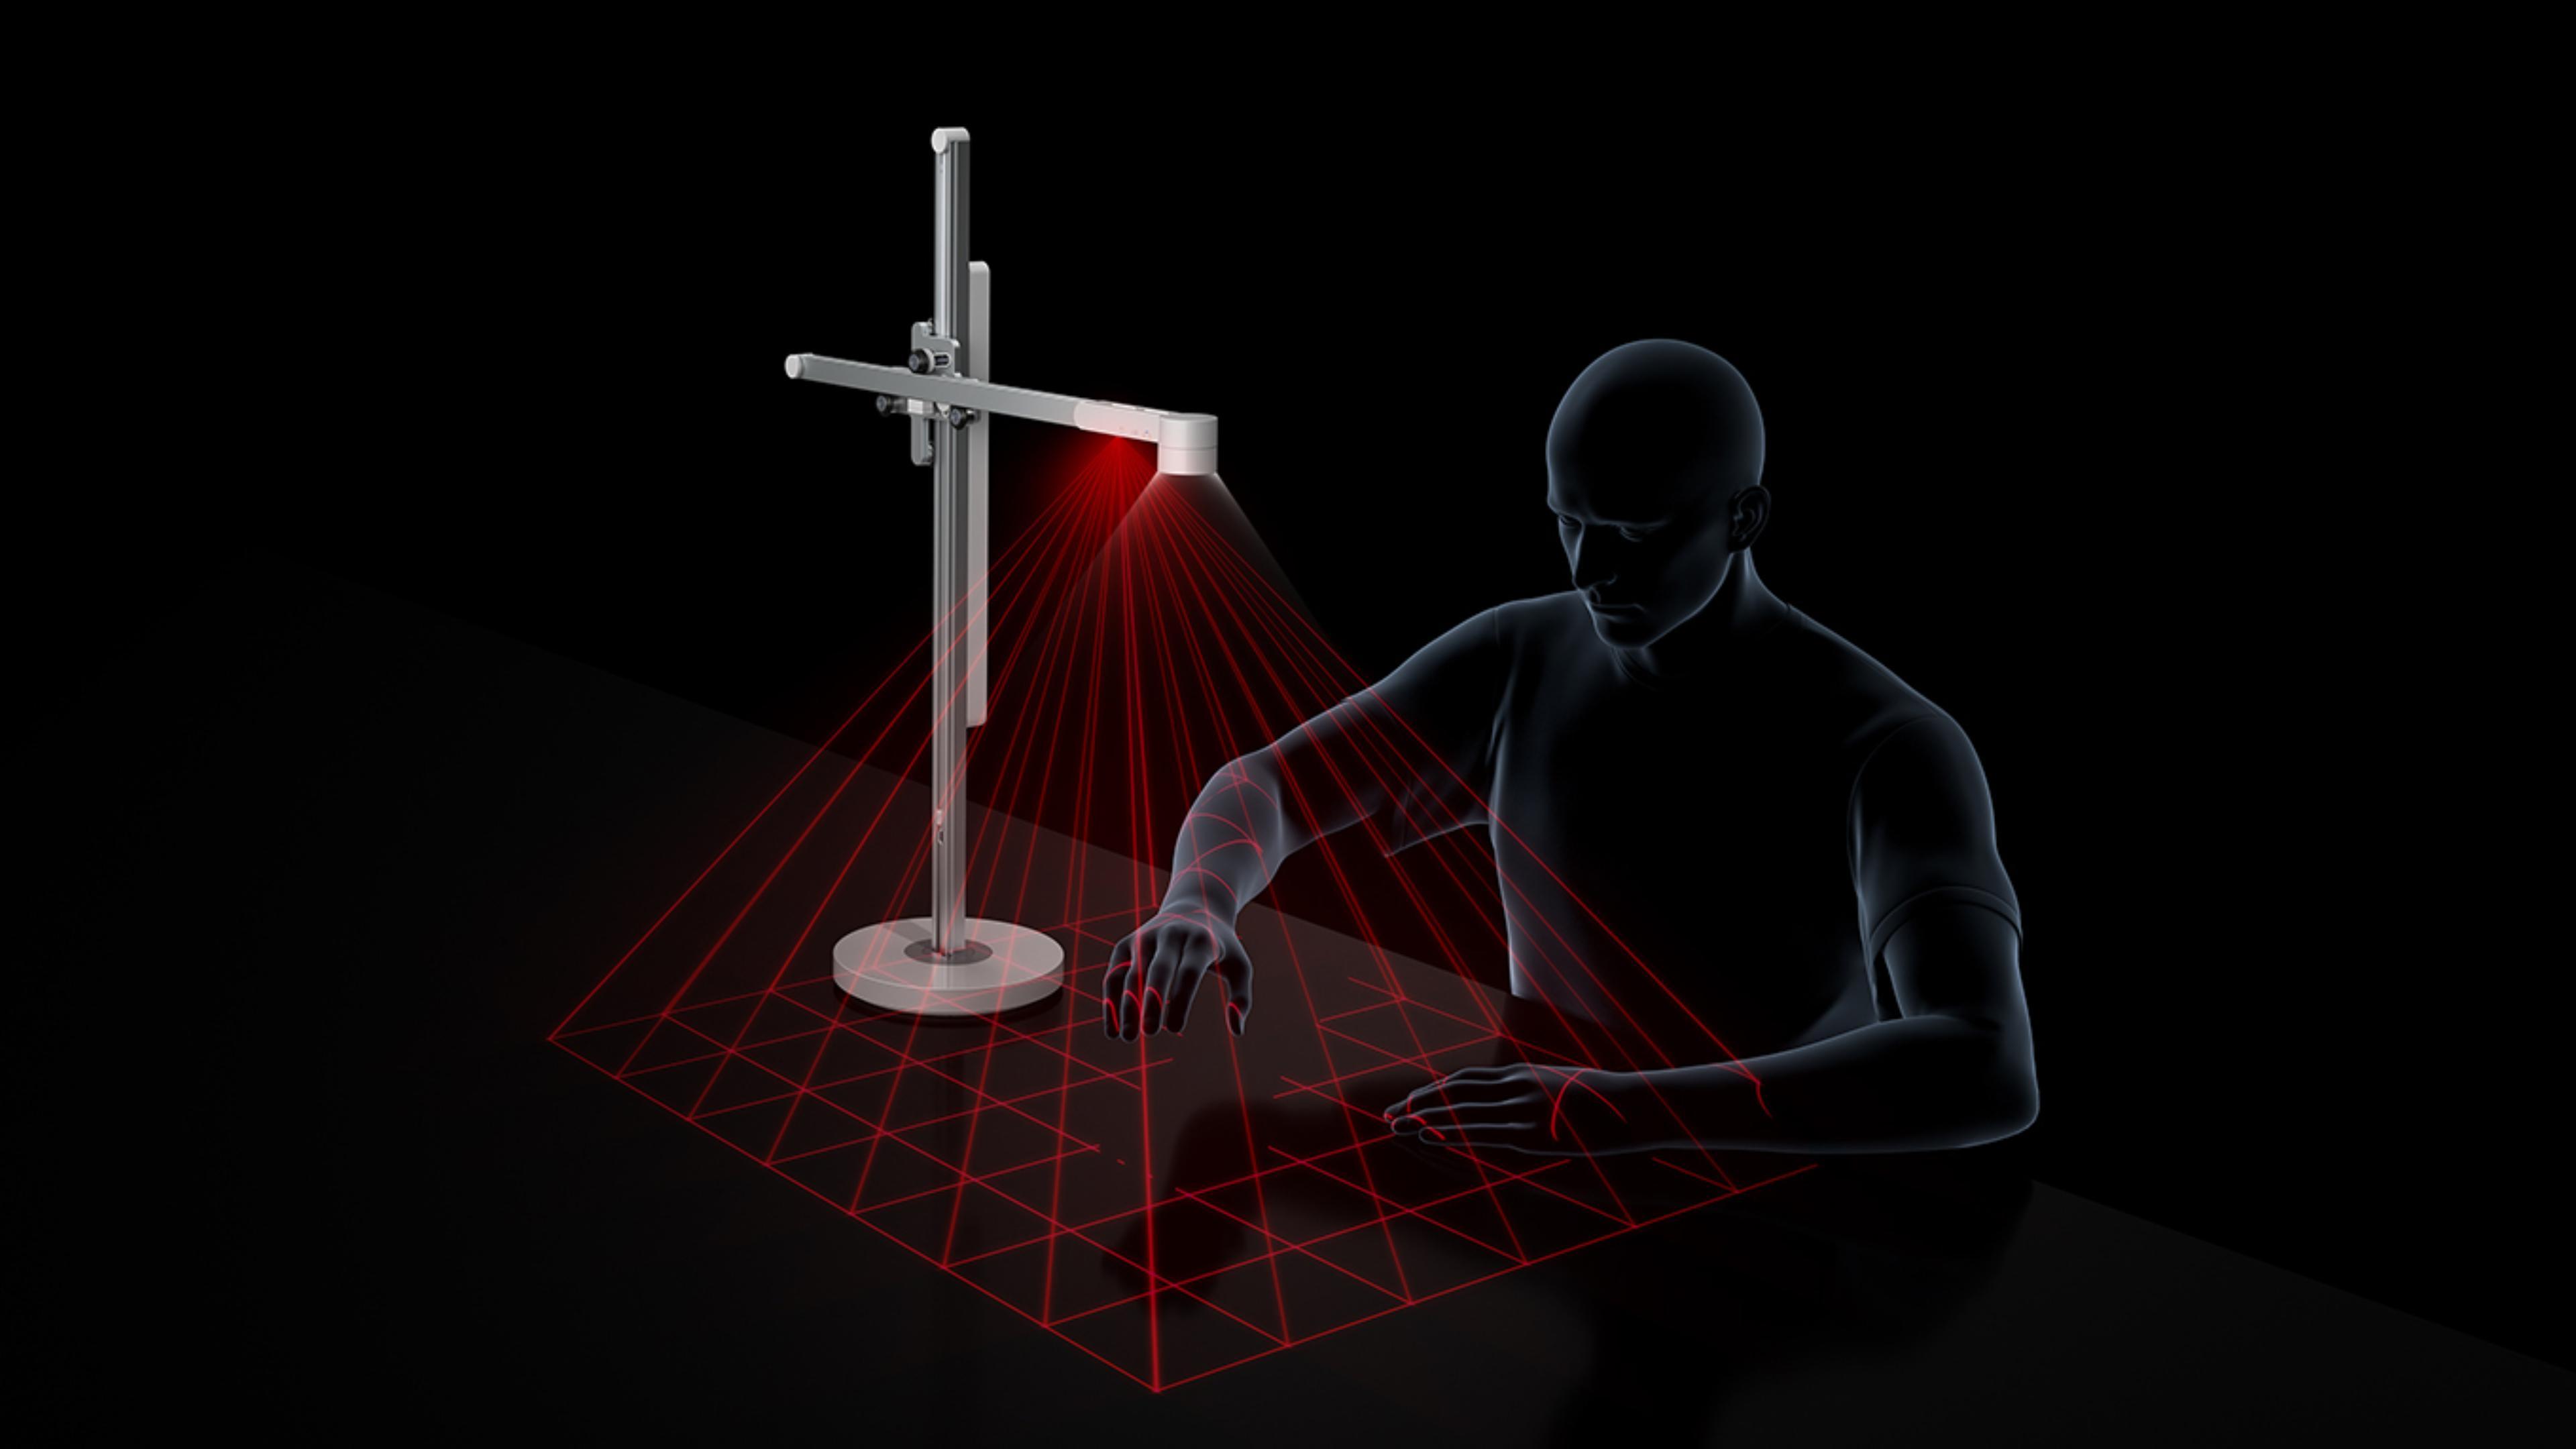 Sensores en la lámpara de Dyson LightCycle